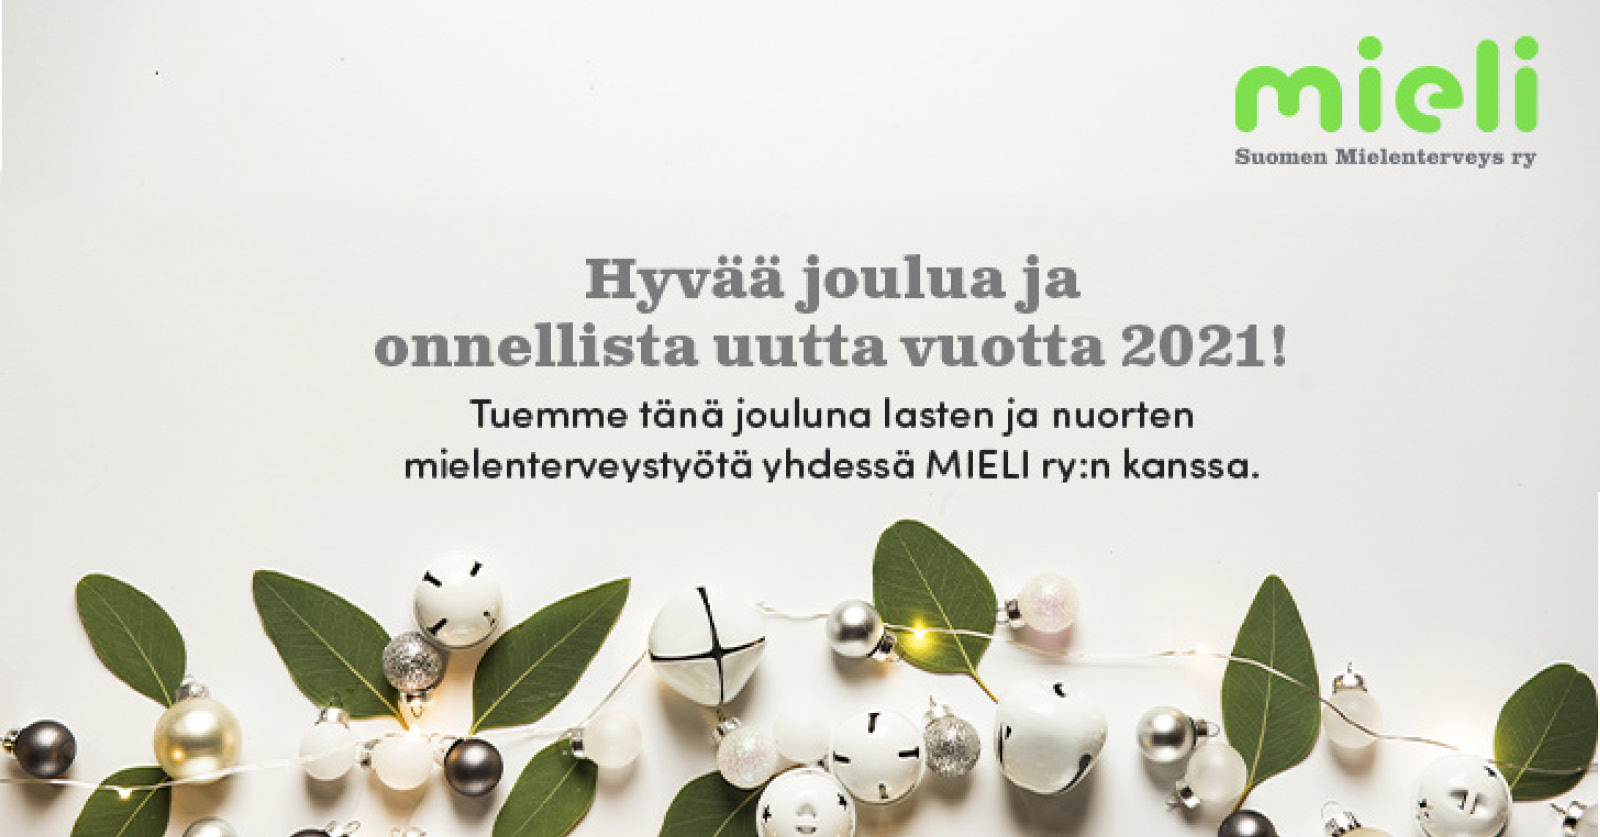 Tuemme tänä jouluna lapsia ja nuoria yhdessä MIELI ry:n kanssa